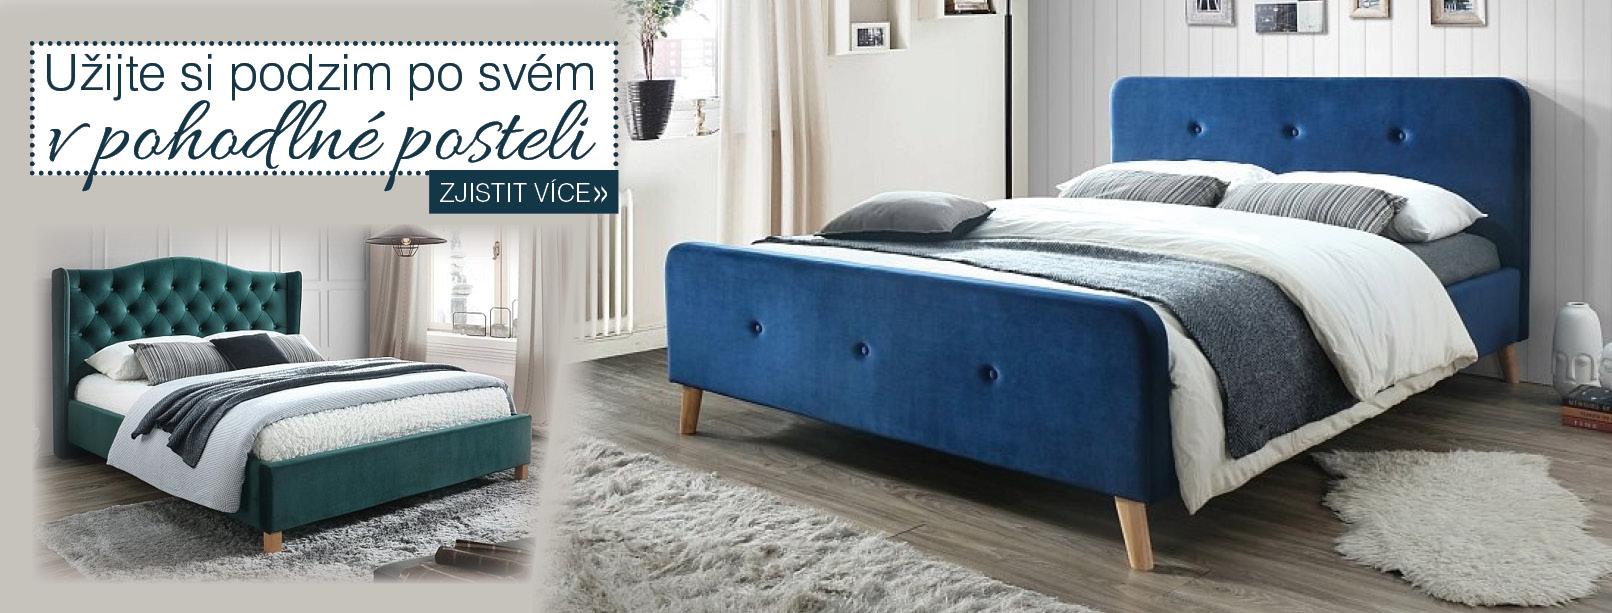 Užijte si podzim v pohodlné a stylové posteli!